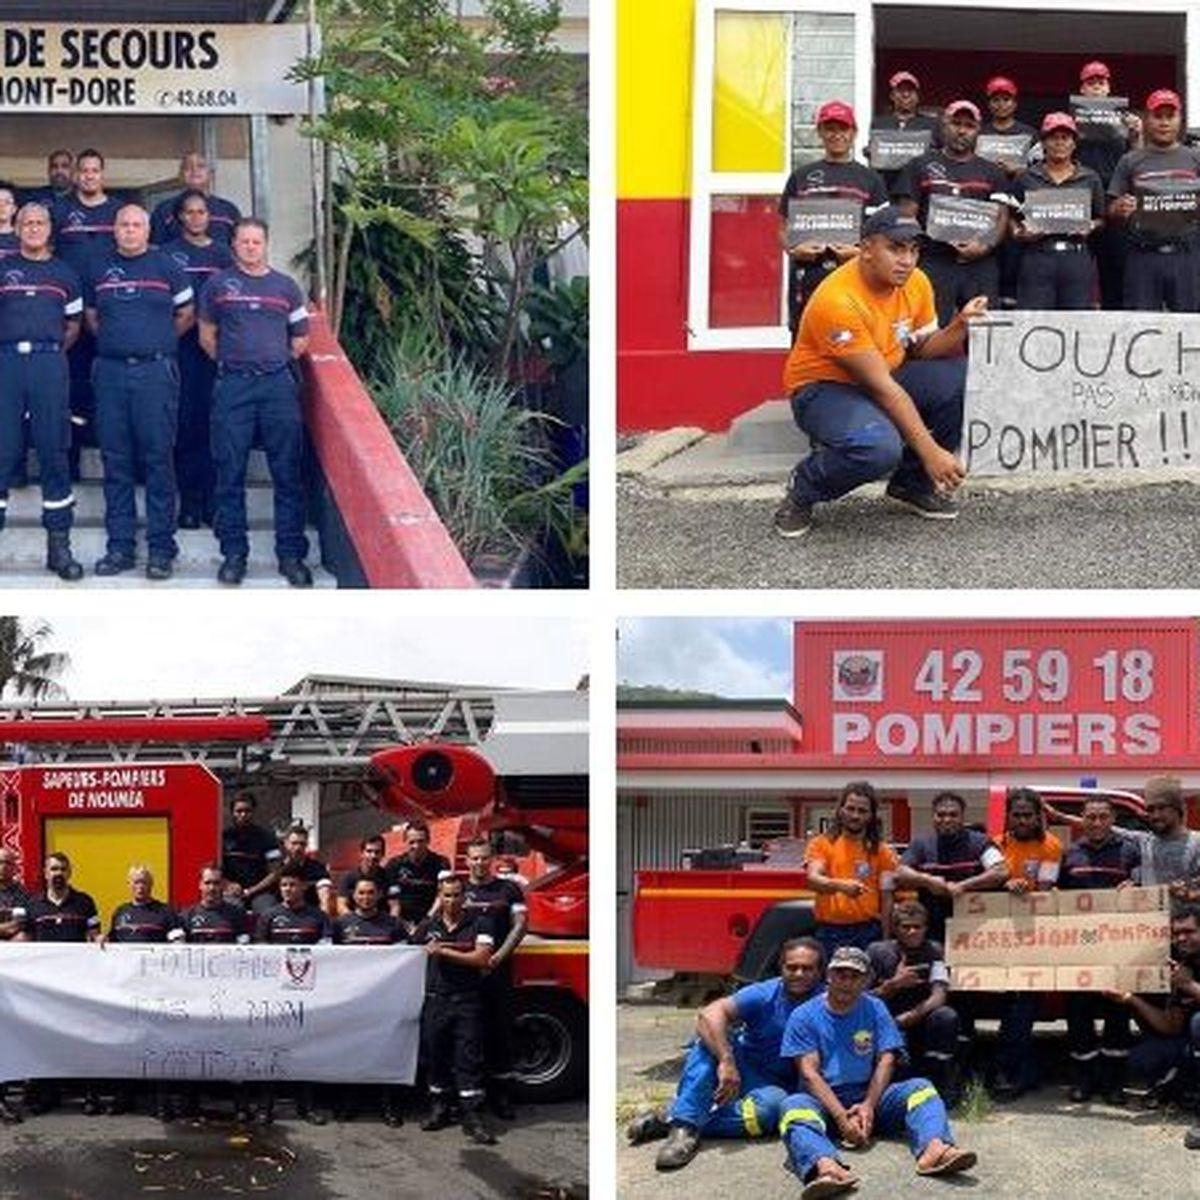 Quand une intervention des pompiers les mène aussi à l'hôpital